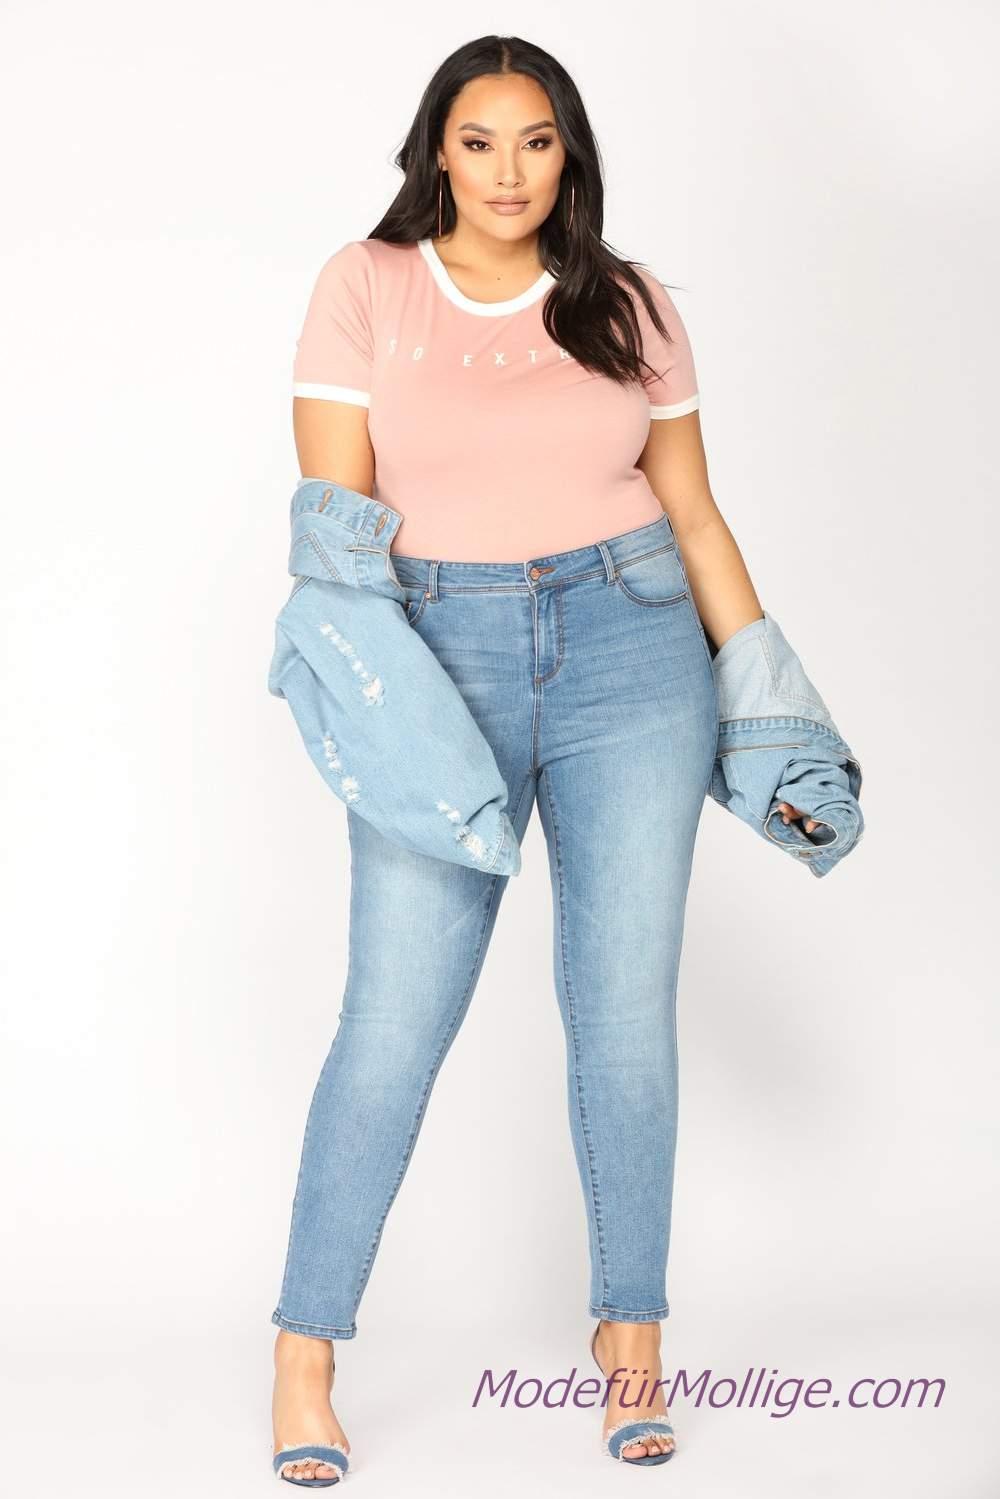 Kleidung für mollige frauen kombinieren; Jeans, Rosa T ...